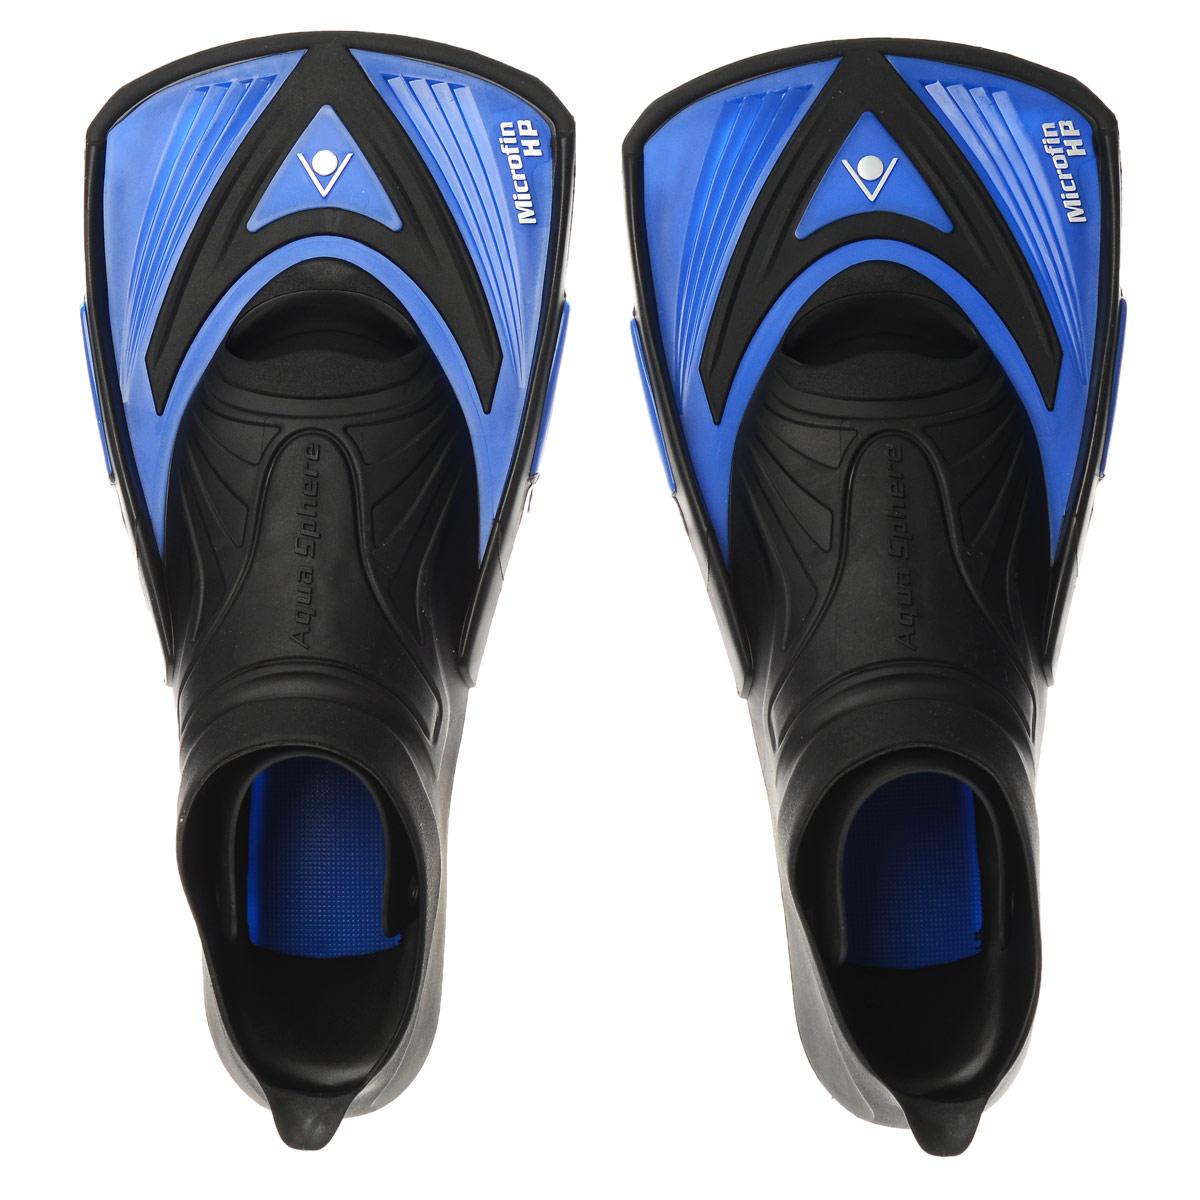 Ласты тренировочные Aqua Sphere Microfin HP, цвет: синий, черный. Размер 36/37TN 221380 (205370)Aqua Sphere Microfin HP - это ласты для энергичной манеры плавания, предназначенные для серьезных спортивных тренировок. Уникальный дизайн ласт обеспечивает достаточное сопротивление воды для силовых тренировок и поддерживает ноги близко к поверхности воды - таким образом, пловец занимает правильное положение, гарантирующее максимальную обтекаемость. Особенности: Галоша с закрытой пяткой выполнена из прочного термопластика. Короткие лопасти удерживают ноги пловца близко к поверхности воды. Позволяют развивать силу мышц и поддерживать их в тонусе, одновременно совершенствуя технику плавания.